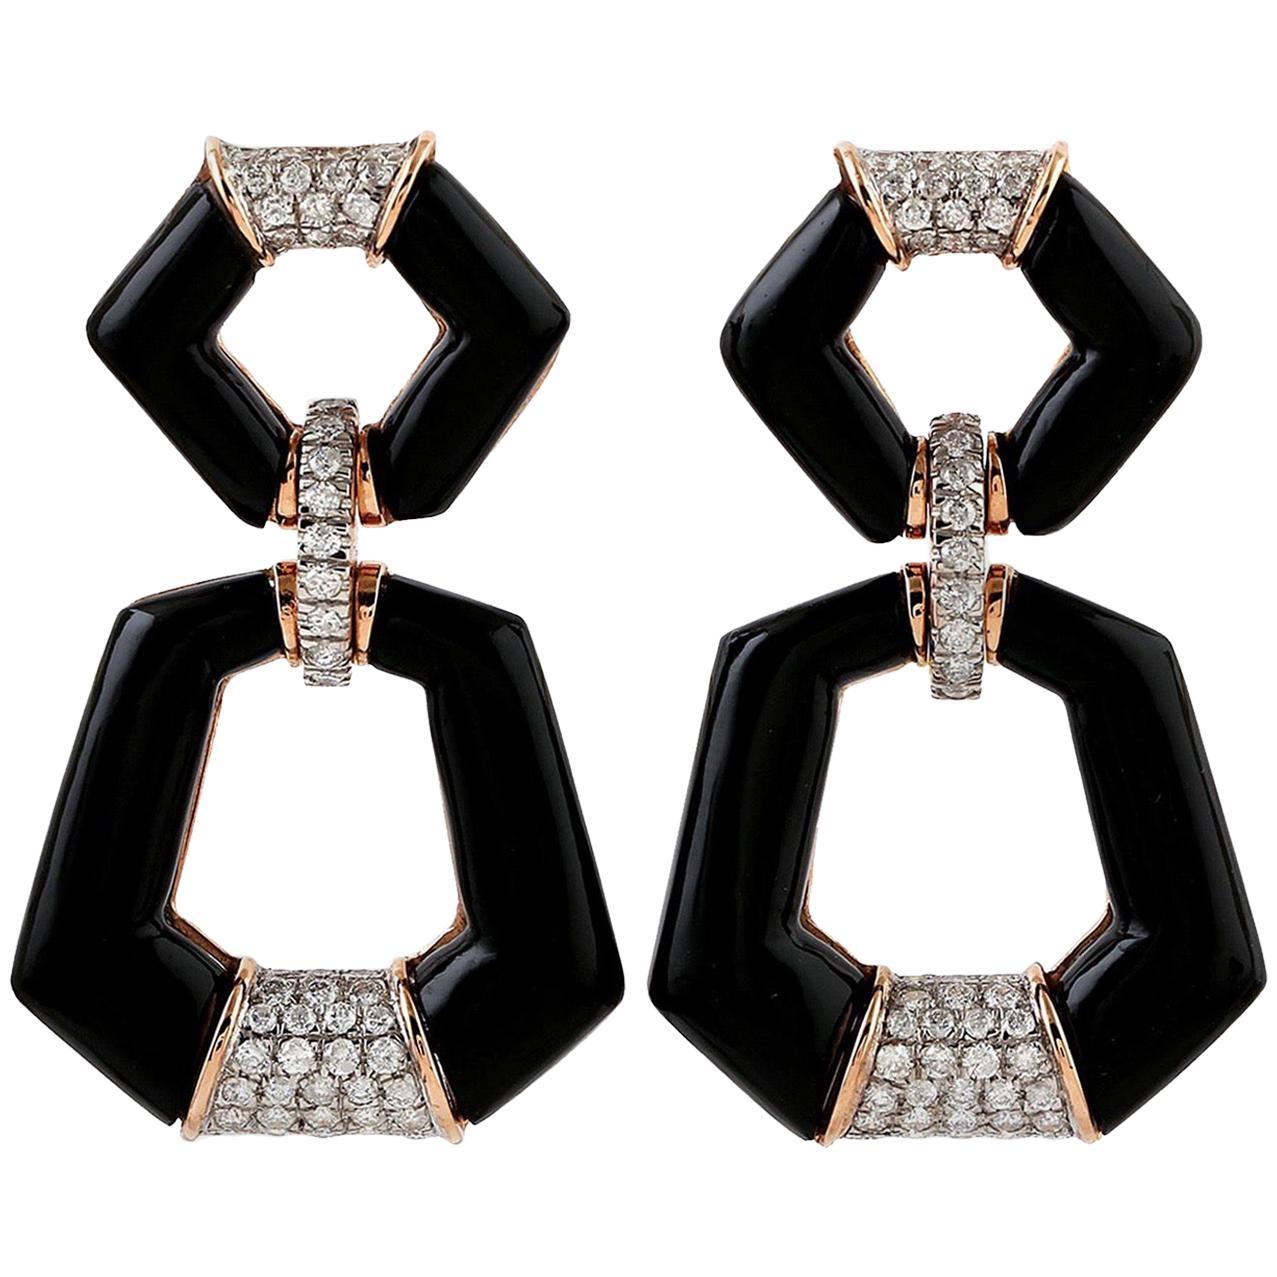 18 Karat Gold Door Knocker Onyx Diamond Earrings